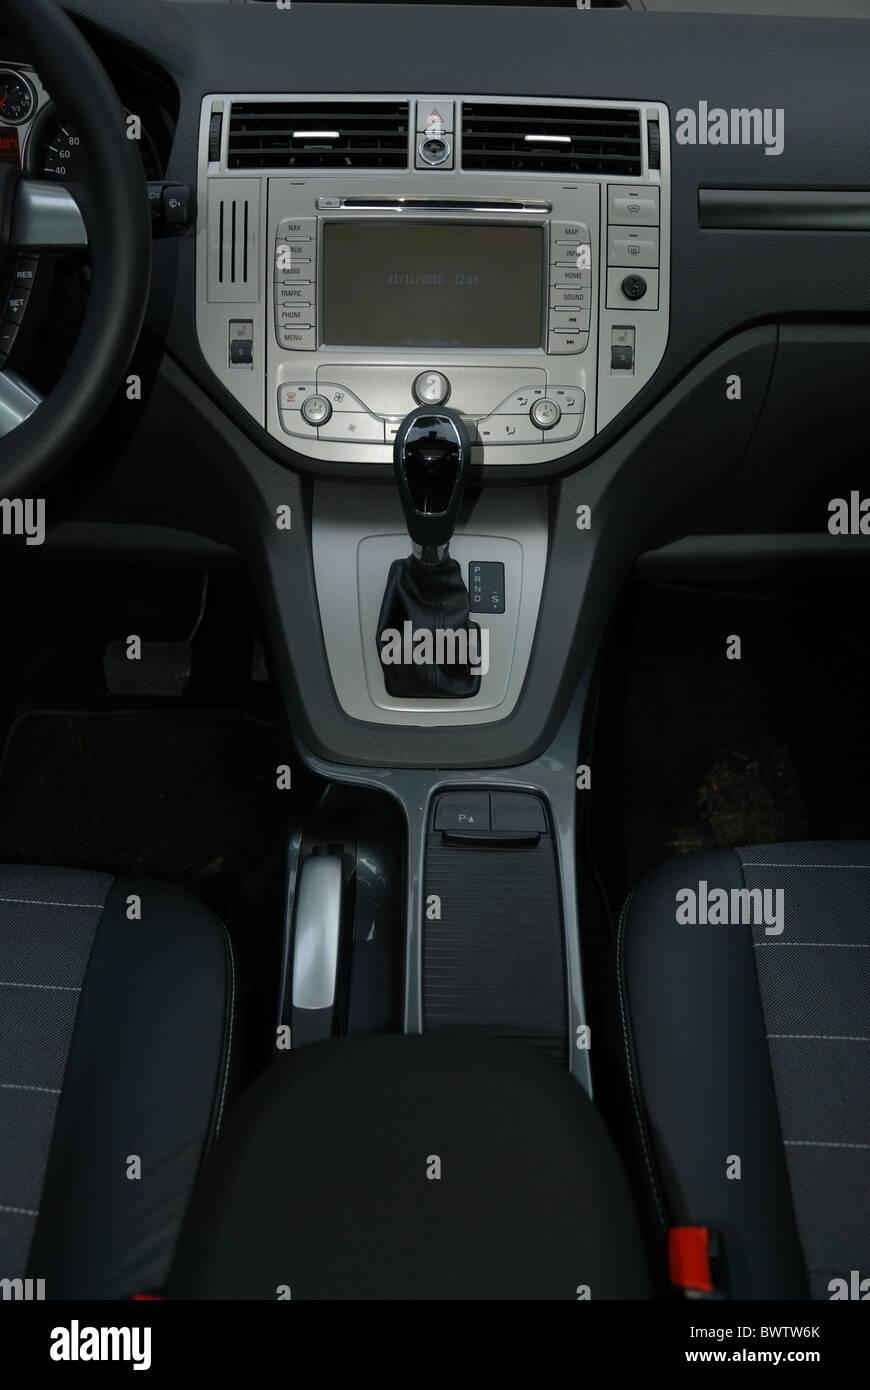 Ford Kuga 2.0 TDCI AWD PowerShift - mein 2008 - beliebte deutsche ...